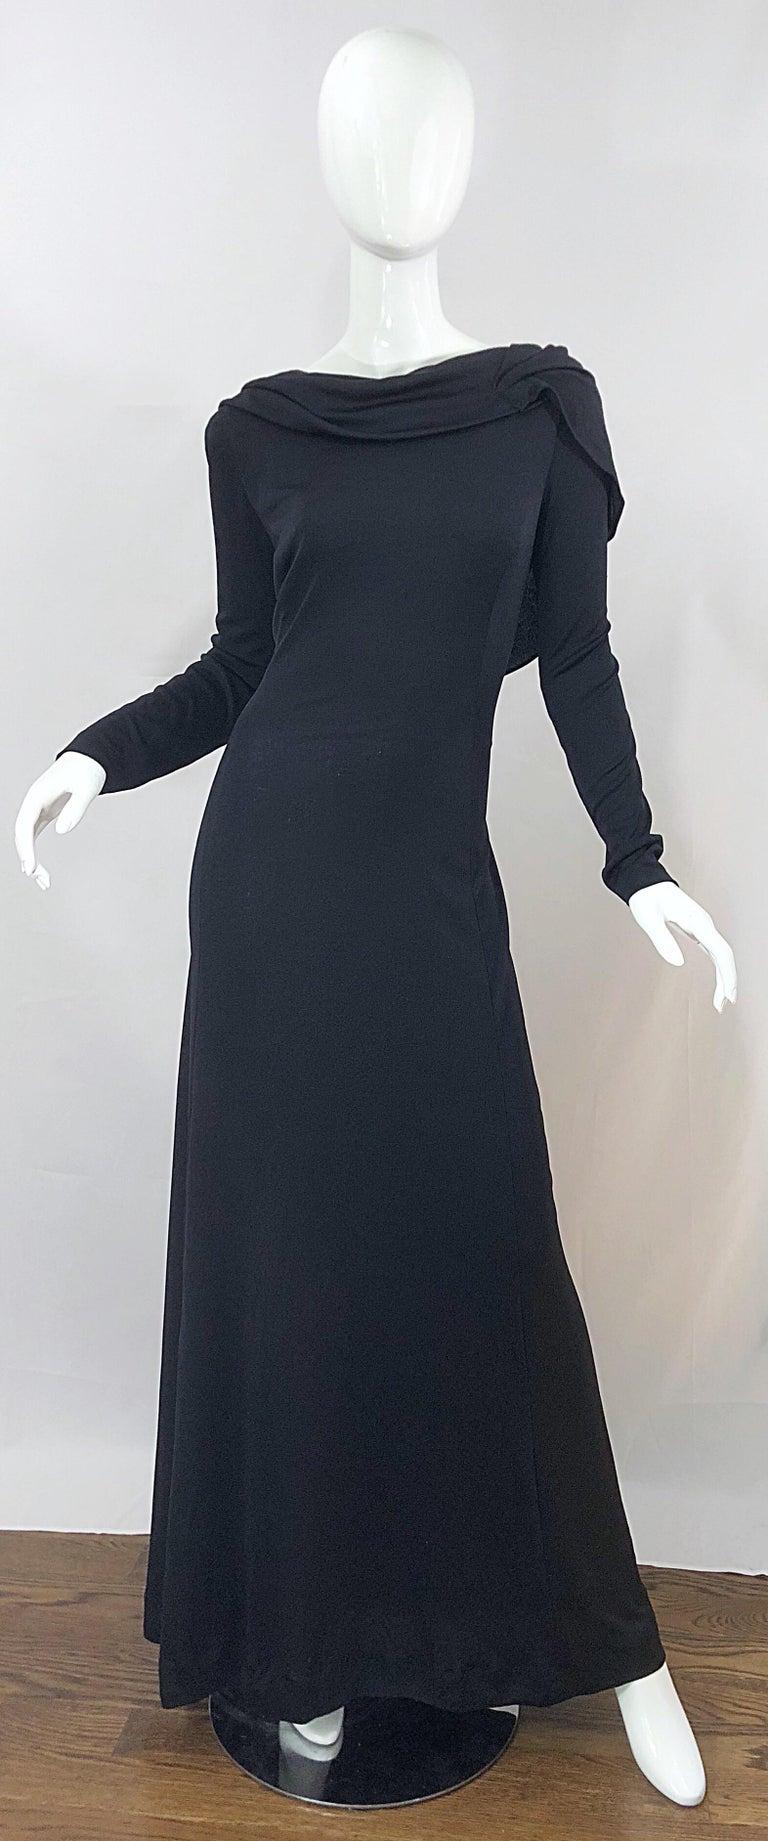 Black 1970s Luis Estevez Dramatic Low Back High Neck Vintage 70s Jersey Grecian Gown